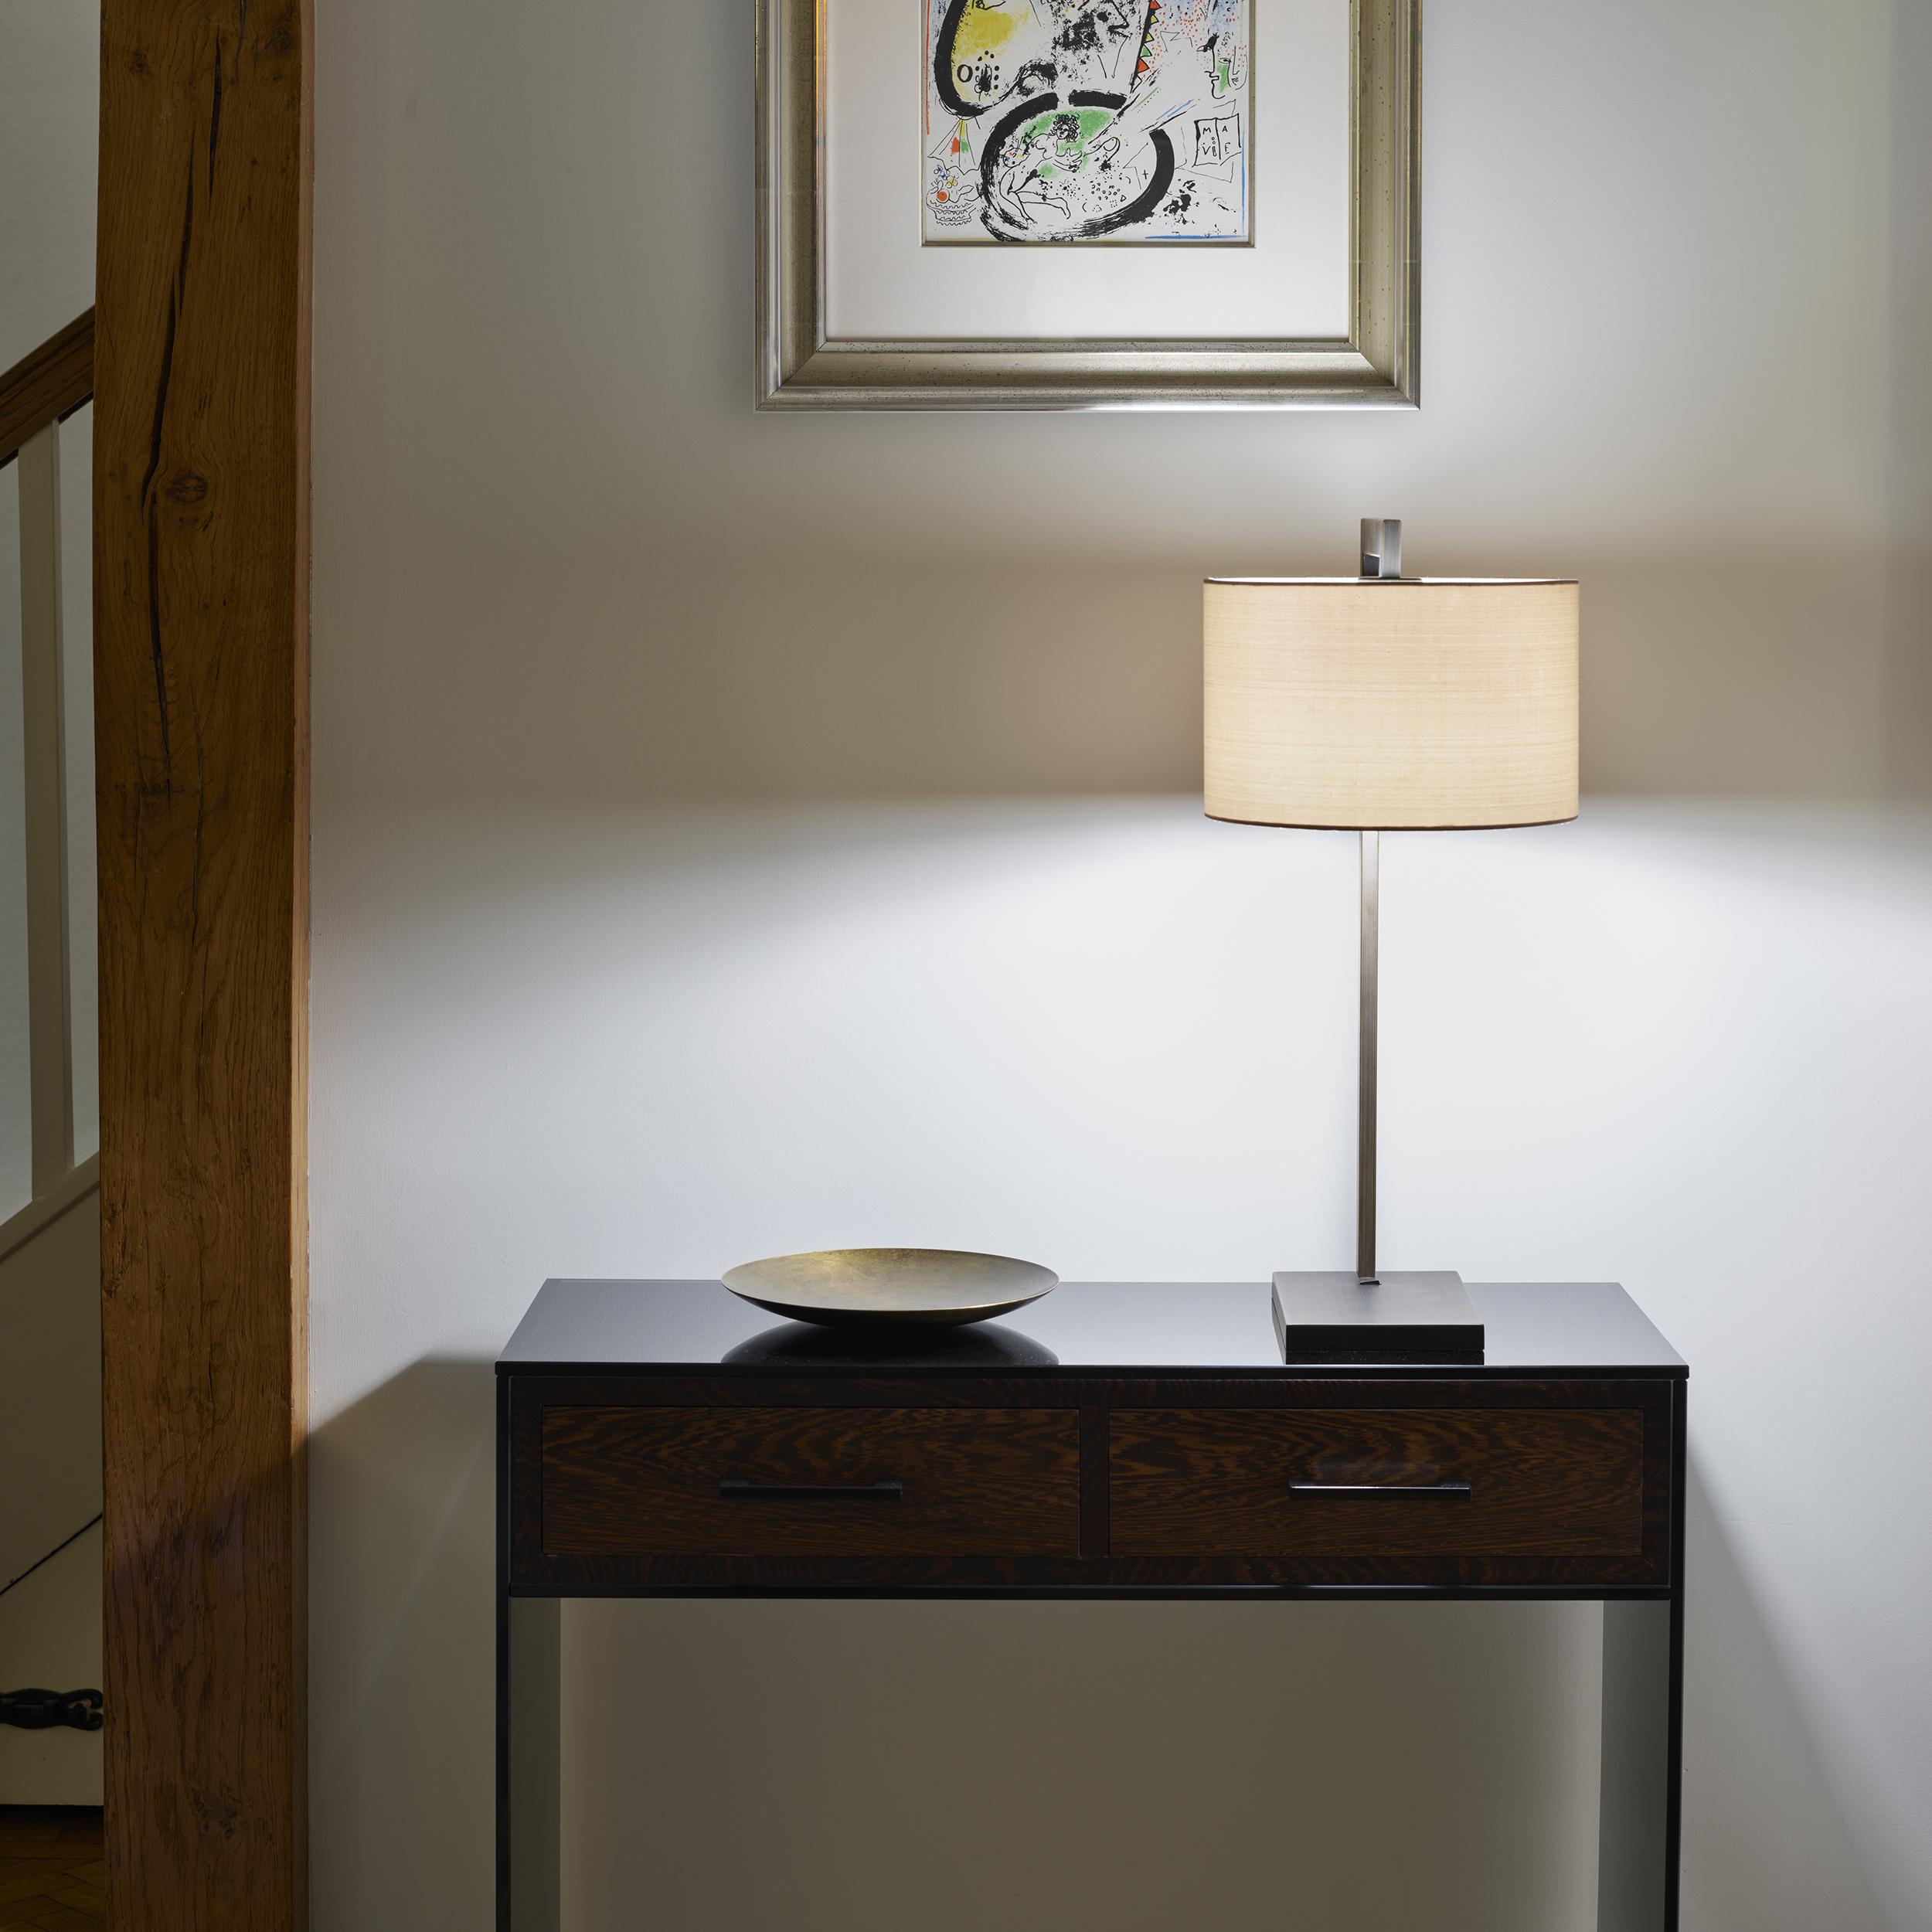 Основание настольной лампы Astro Ravello 1222008 (4555), 1xE27x60W, никель, металл - фото 6